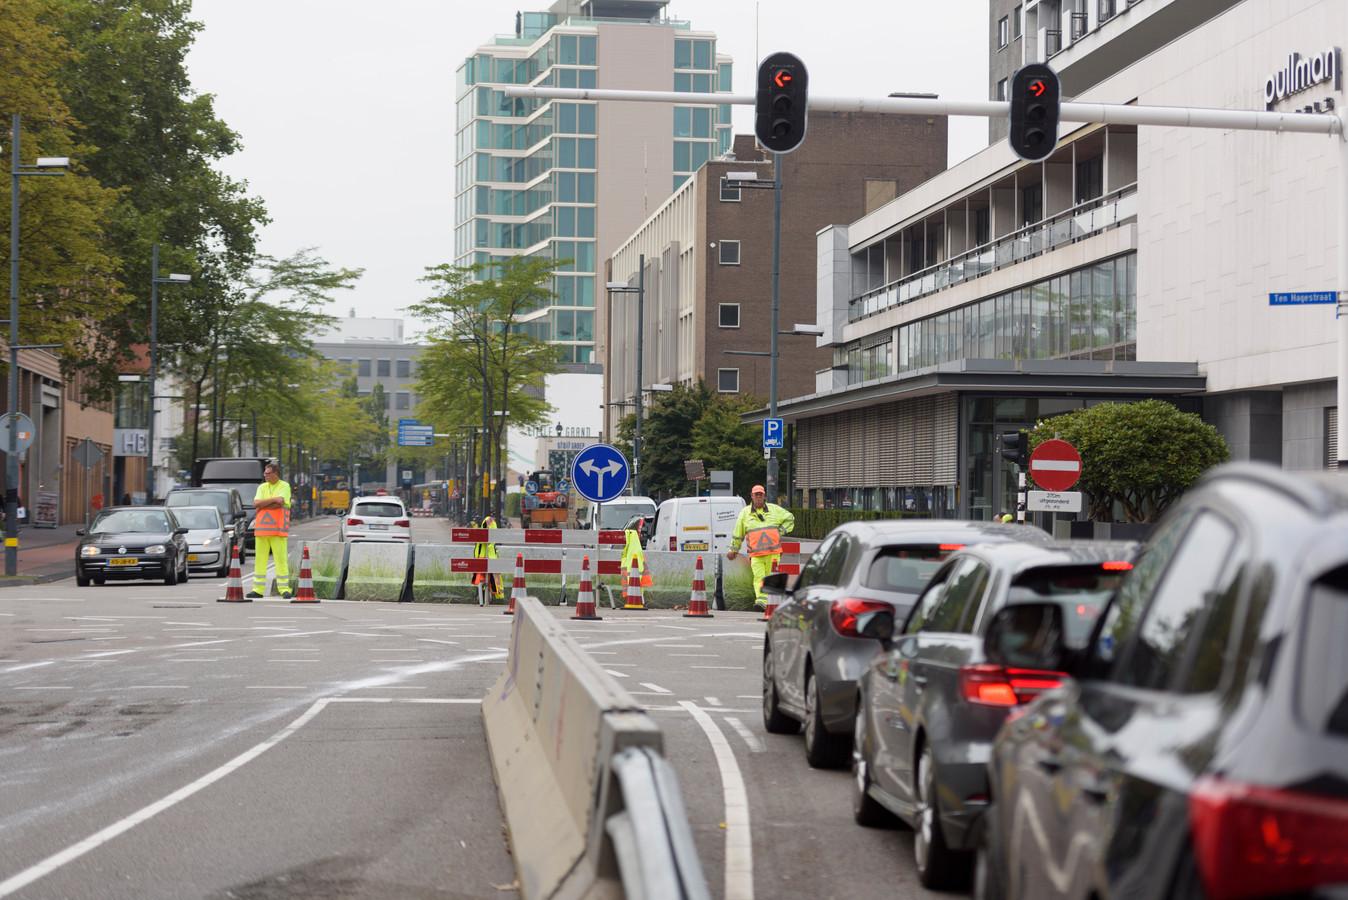 Verkeersmaatregelen op de Vestdijk.